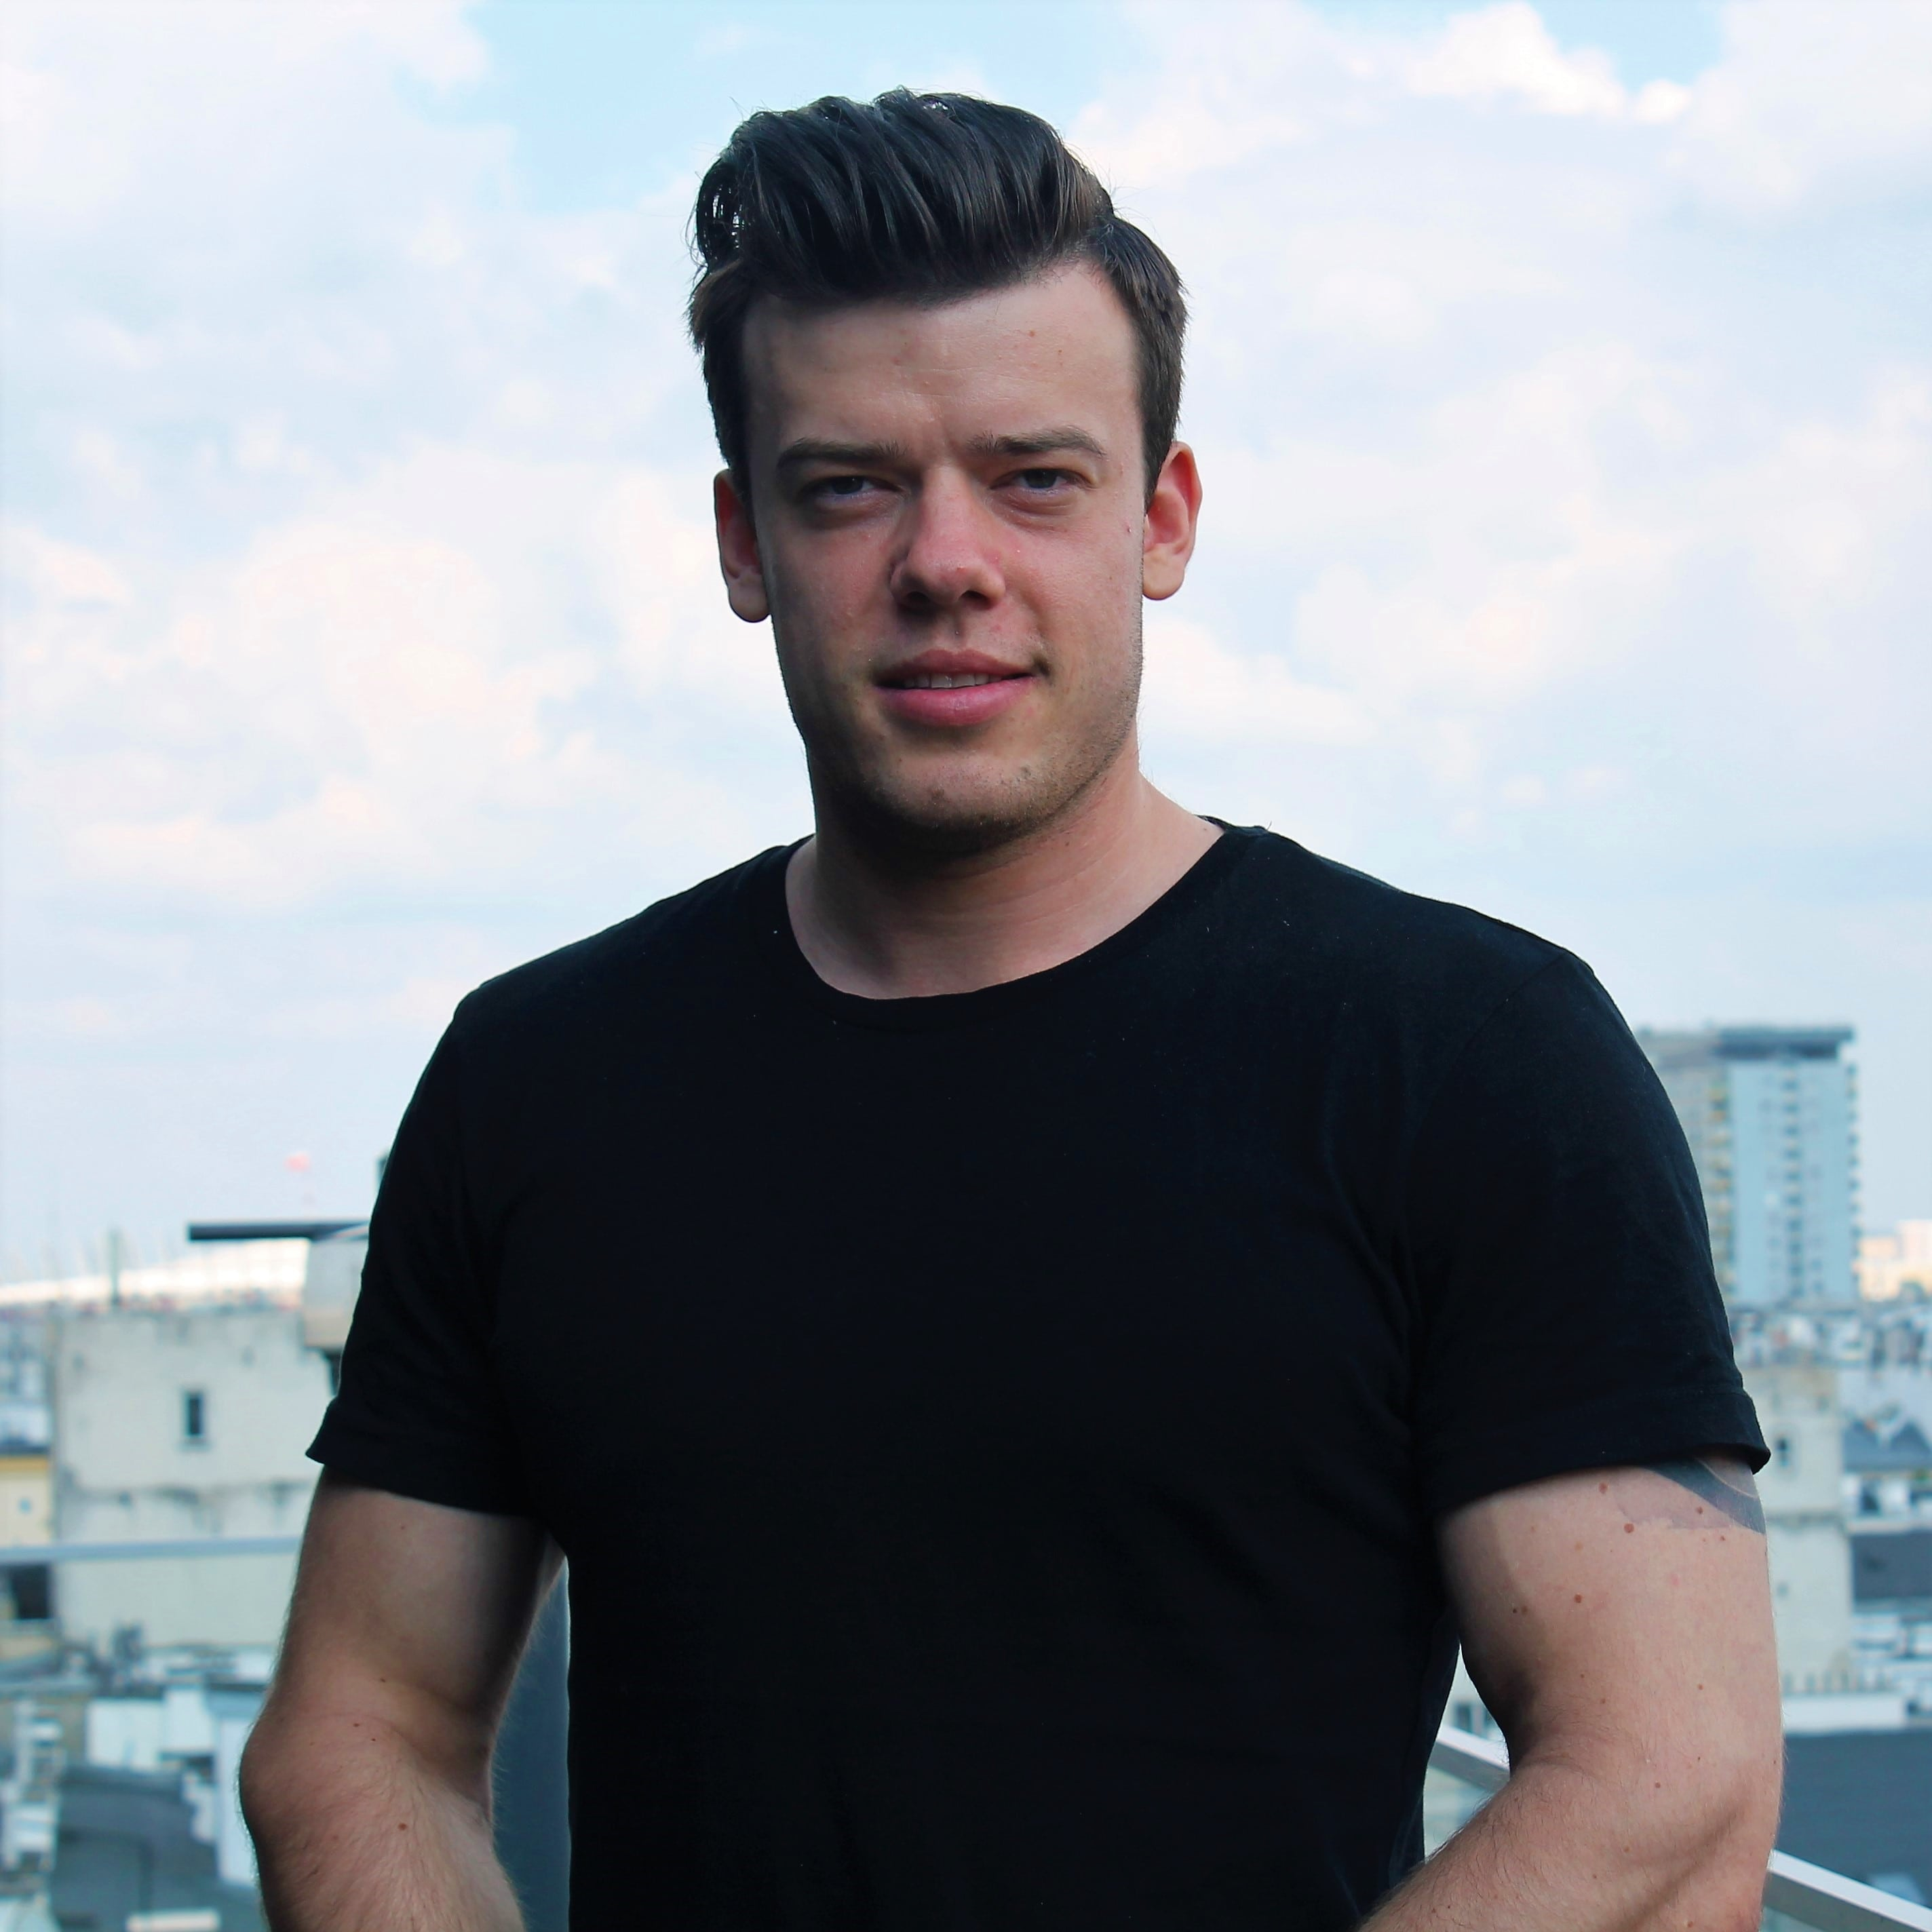 Aleksander Olszewski